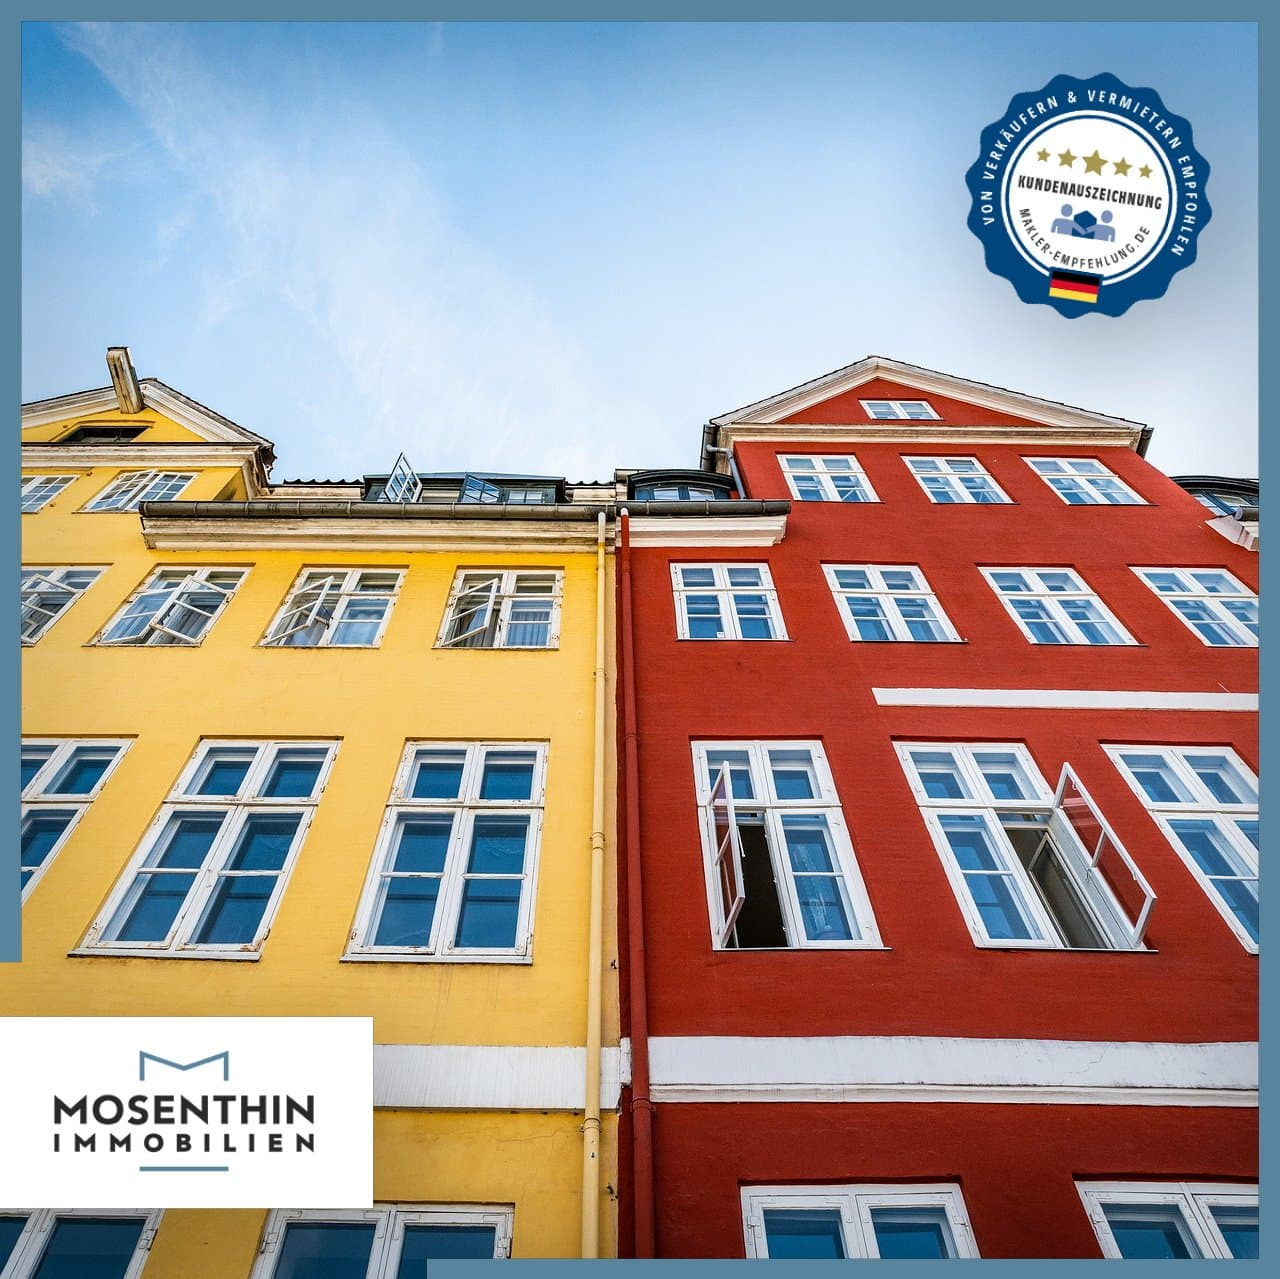 Mieter und Eigentümer: Zwei verschiedene Wohnformen, zwei ungleiche Gruppen